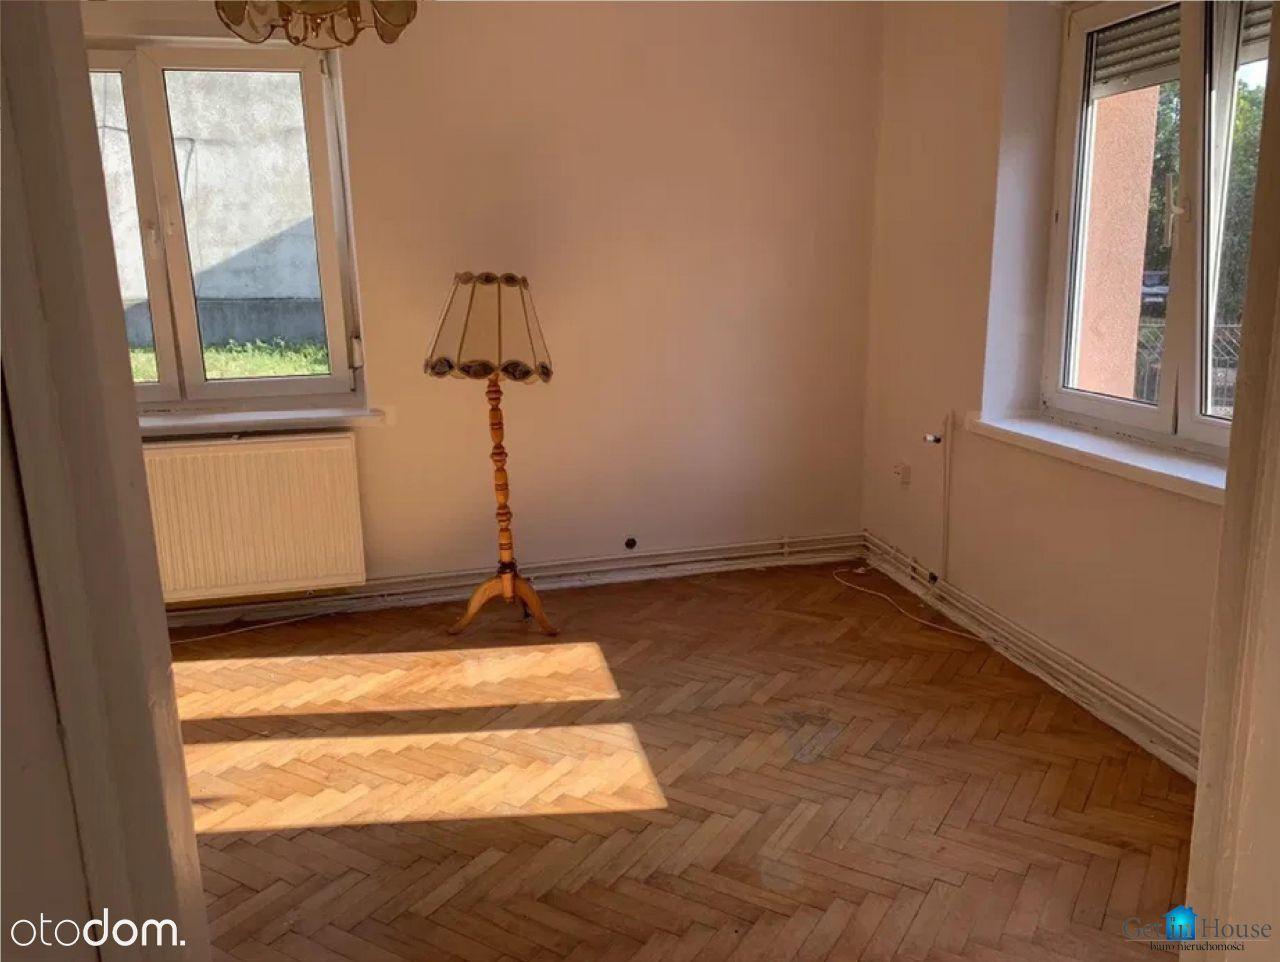 Mieszkanie trzypokojowe 4800zł/m2